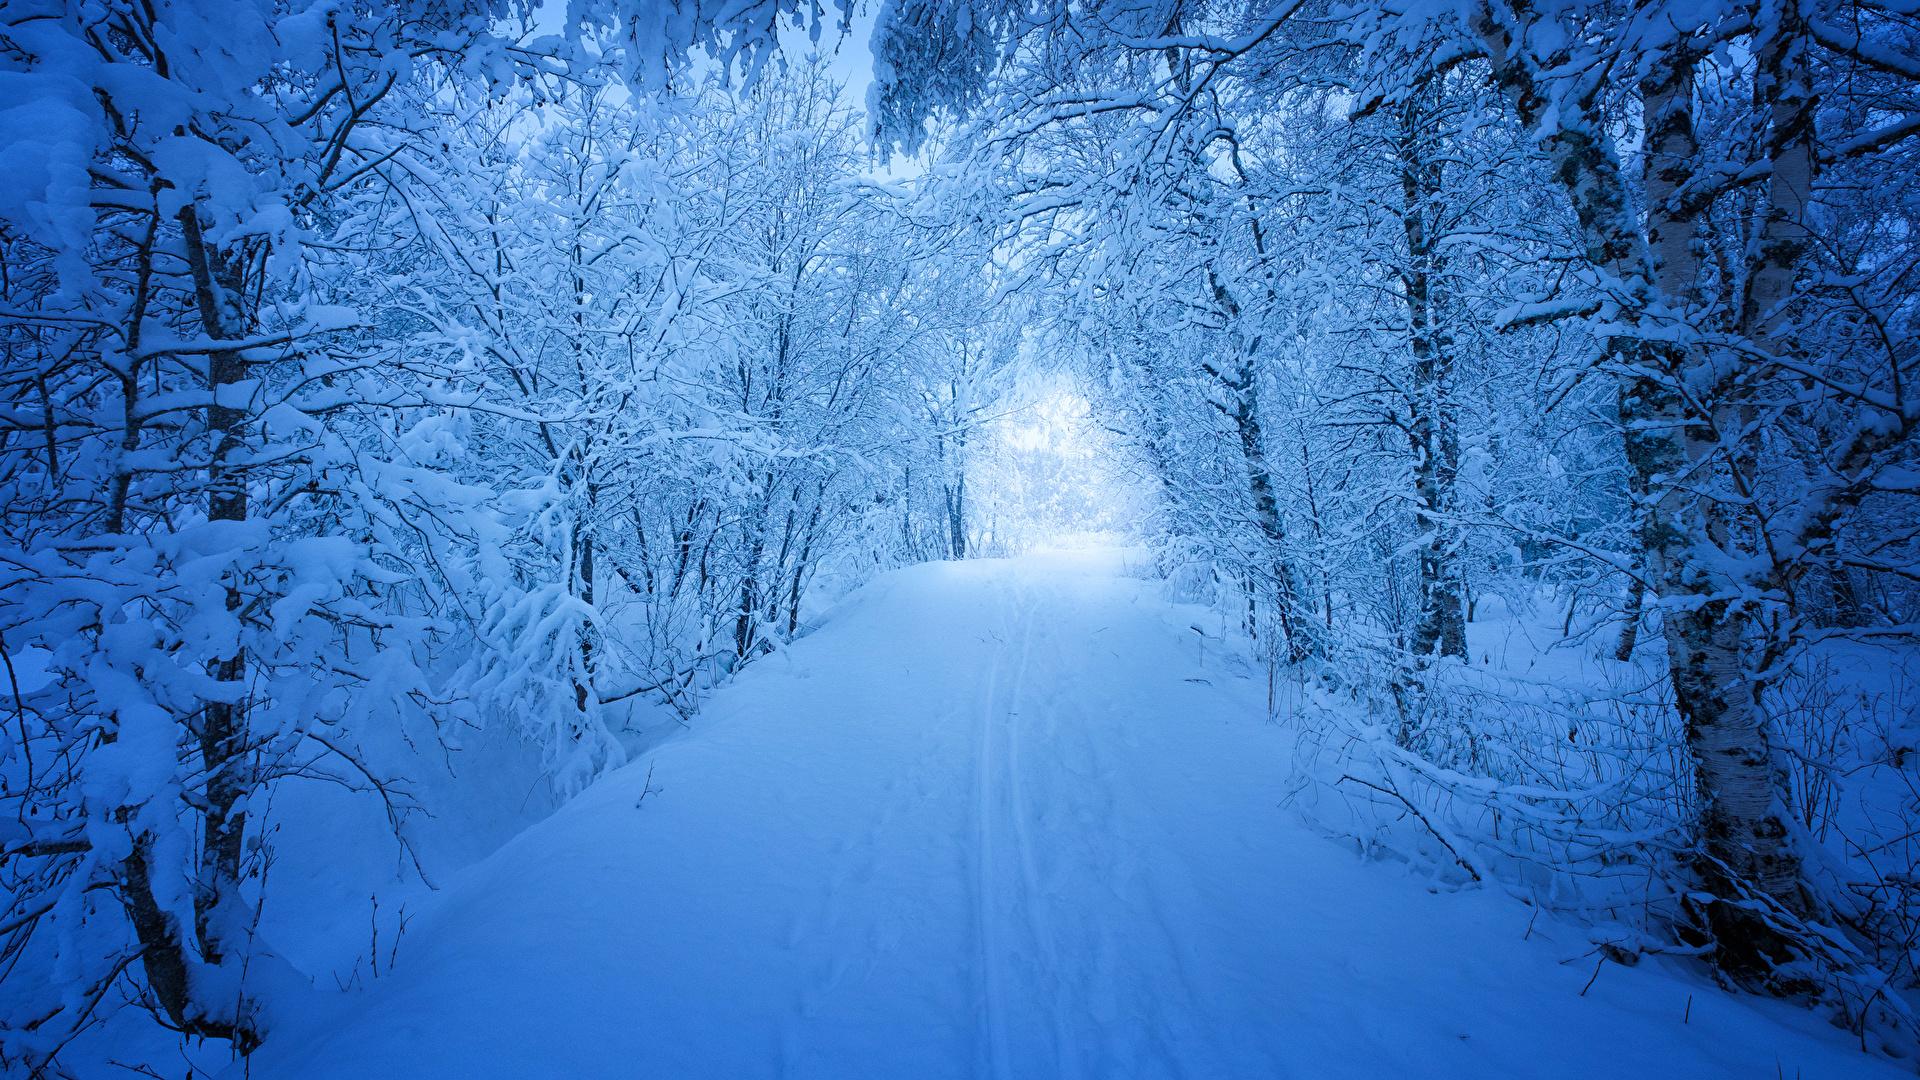 壁紙 1920x1080 季節 冬 森林 道 雪 木 自然 ダウンロード 写真